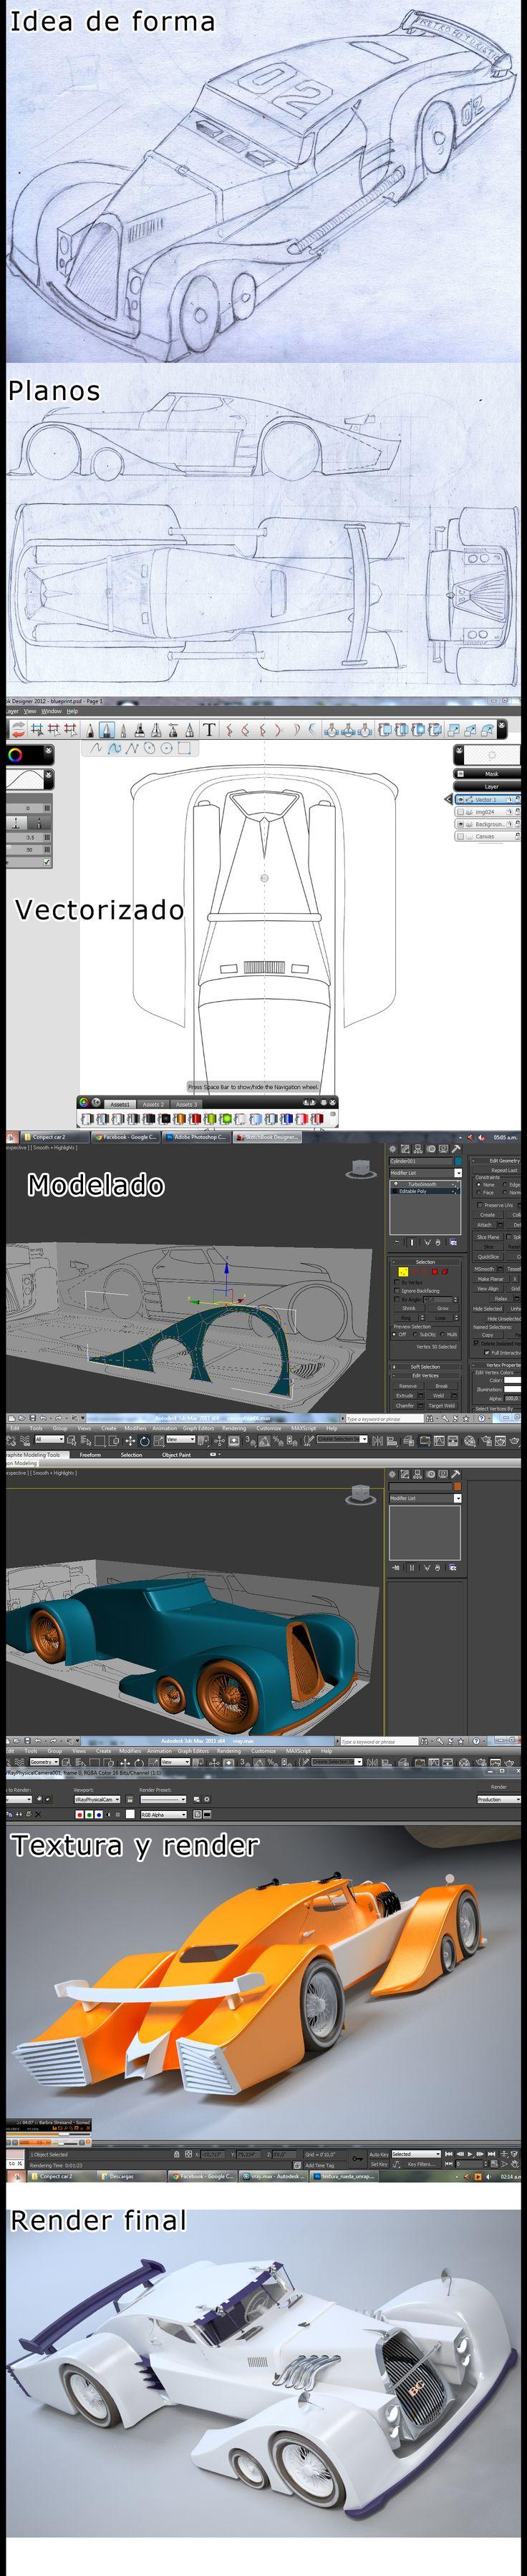 3ds max 2010 v ray 2 40 03 file formats fbx obj dog beds - 3ds Max 2010 V Ray 2 40 03 File Formats Fbx Obj Dog Beds 45